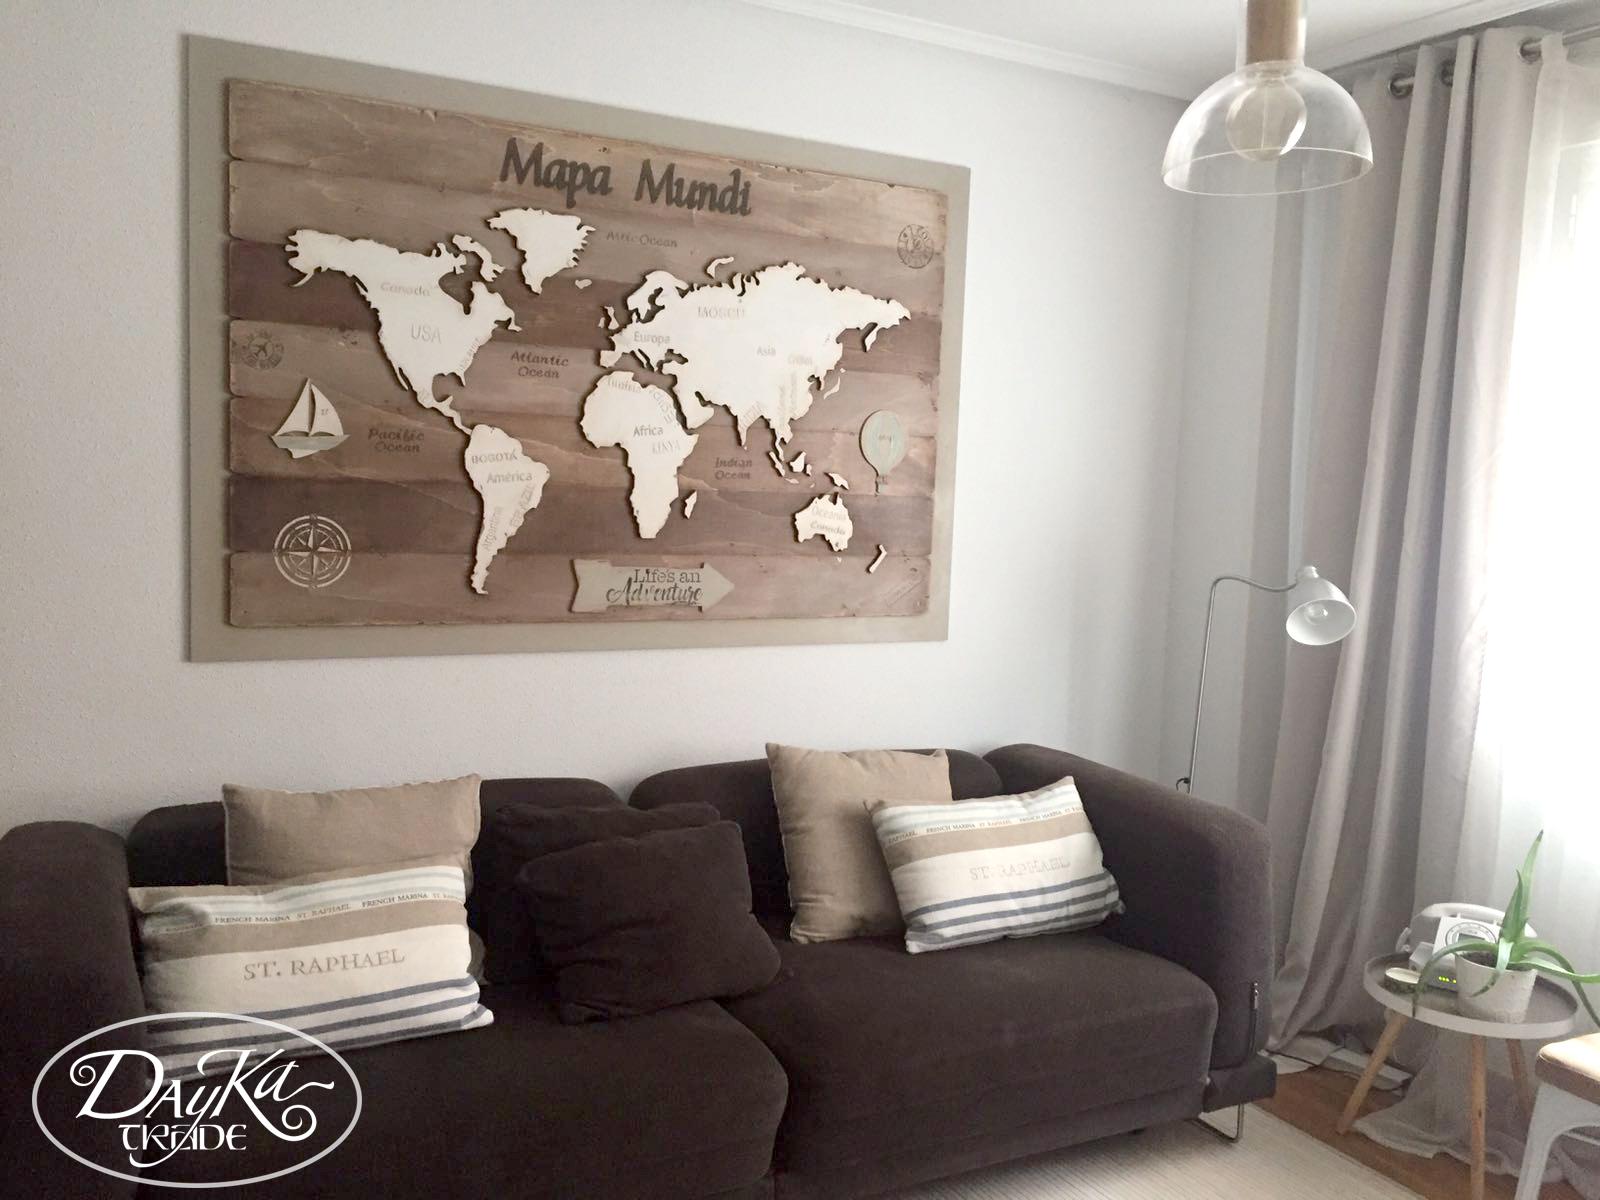 Mapa Mundi Dayka Trade # Muebles Dayka Trade